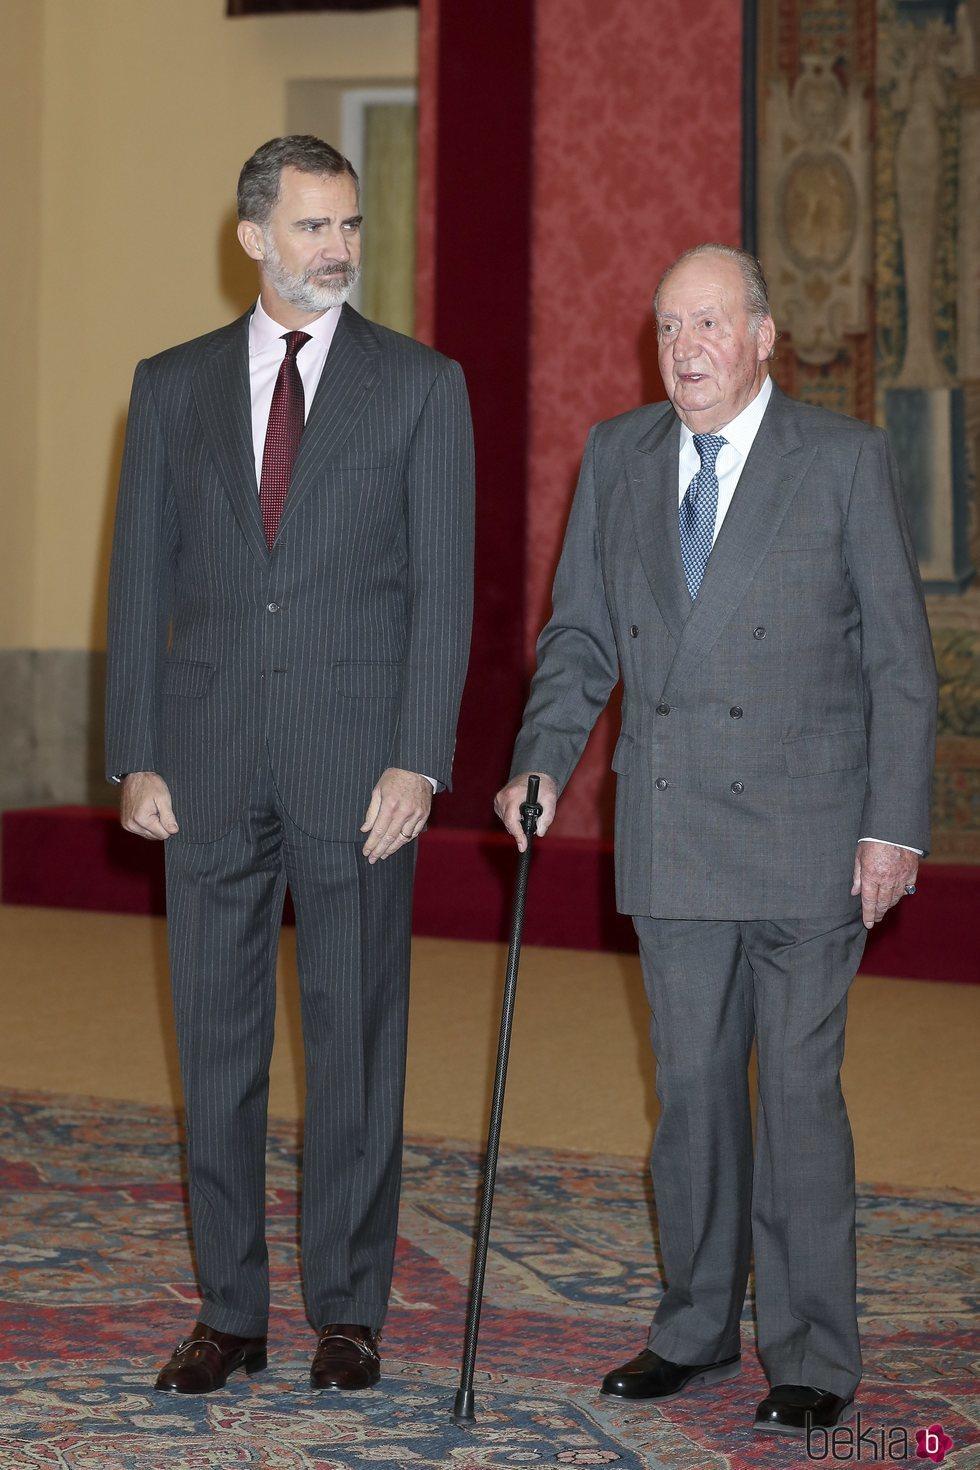 El Rey Felipe y el Rey Juan Carlos en la audiencia por el 40 aniversario de la Constitución